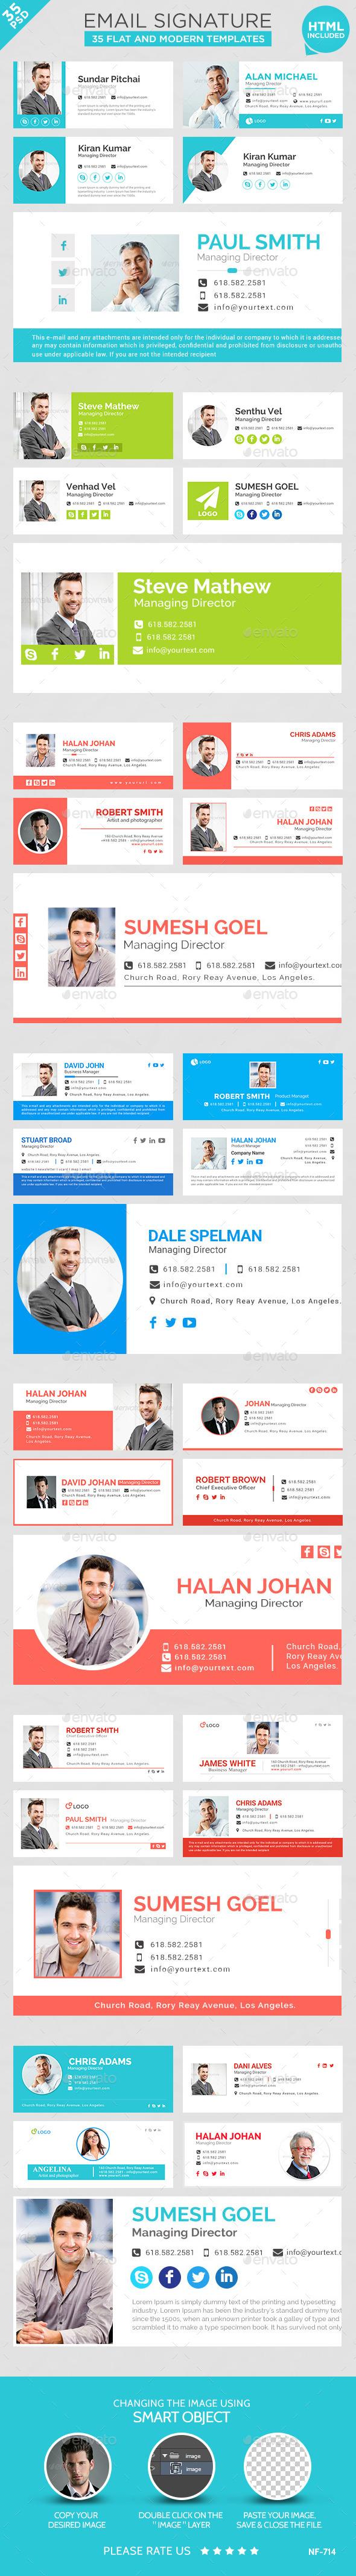 Email Signature - 35 Templates